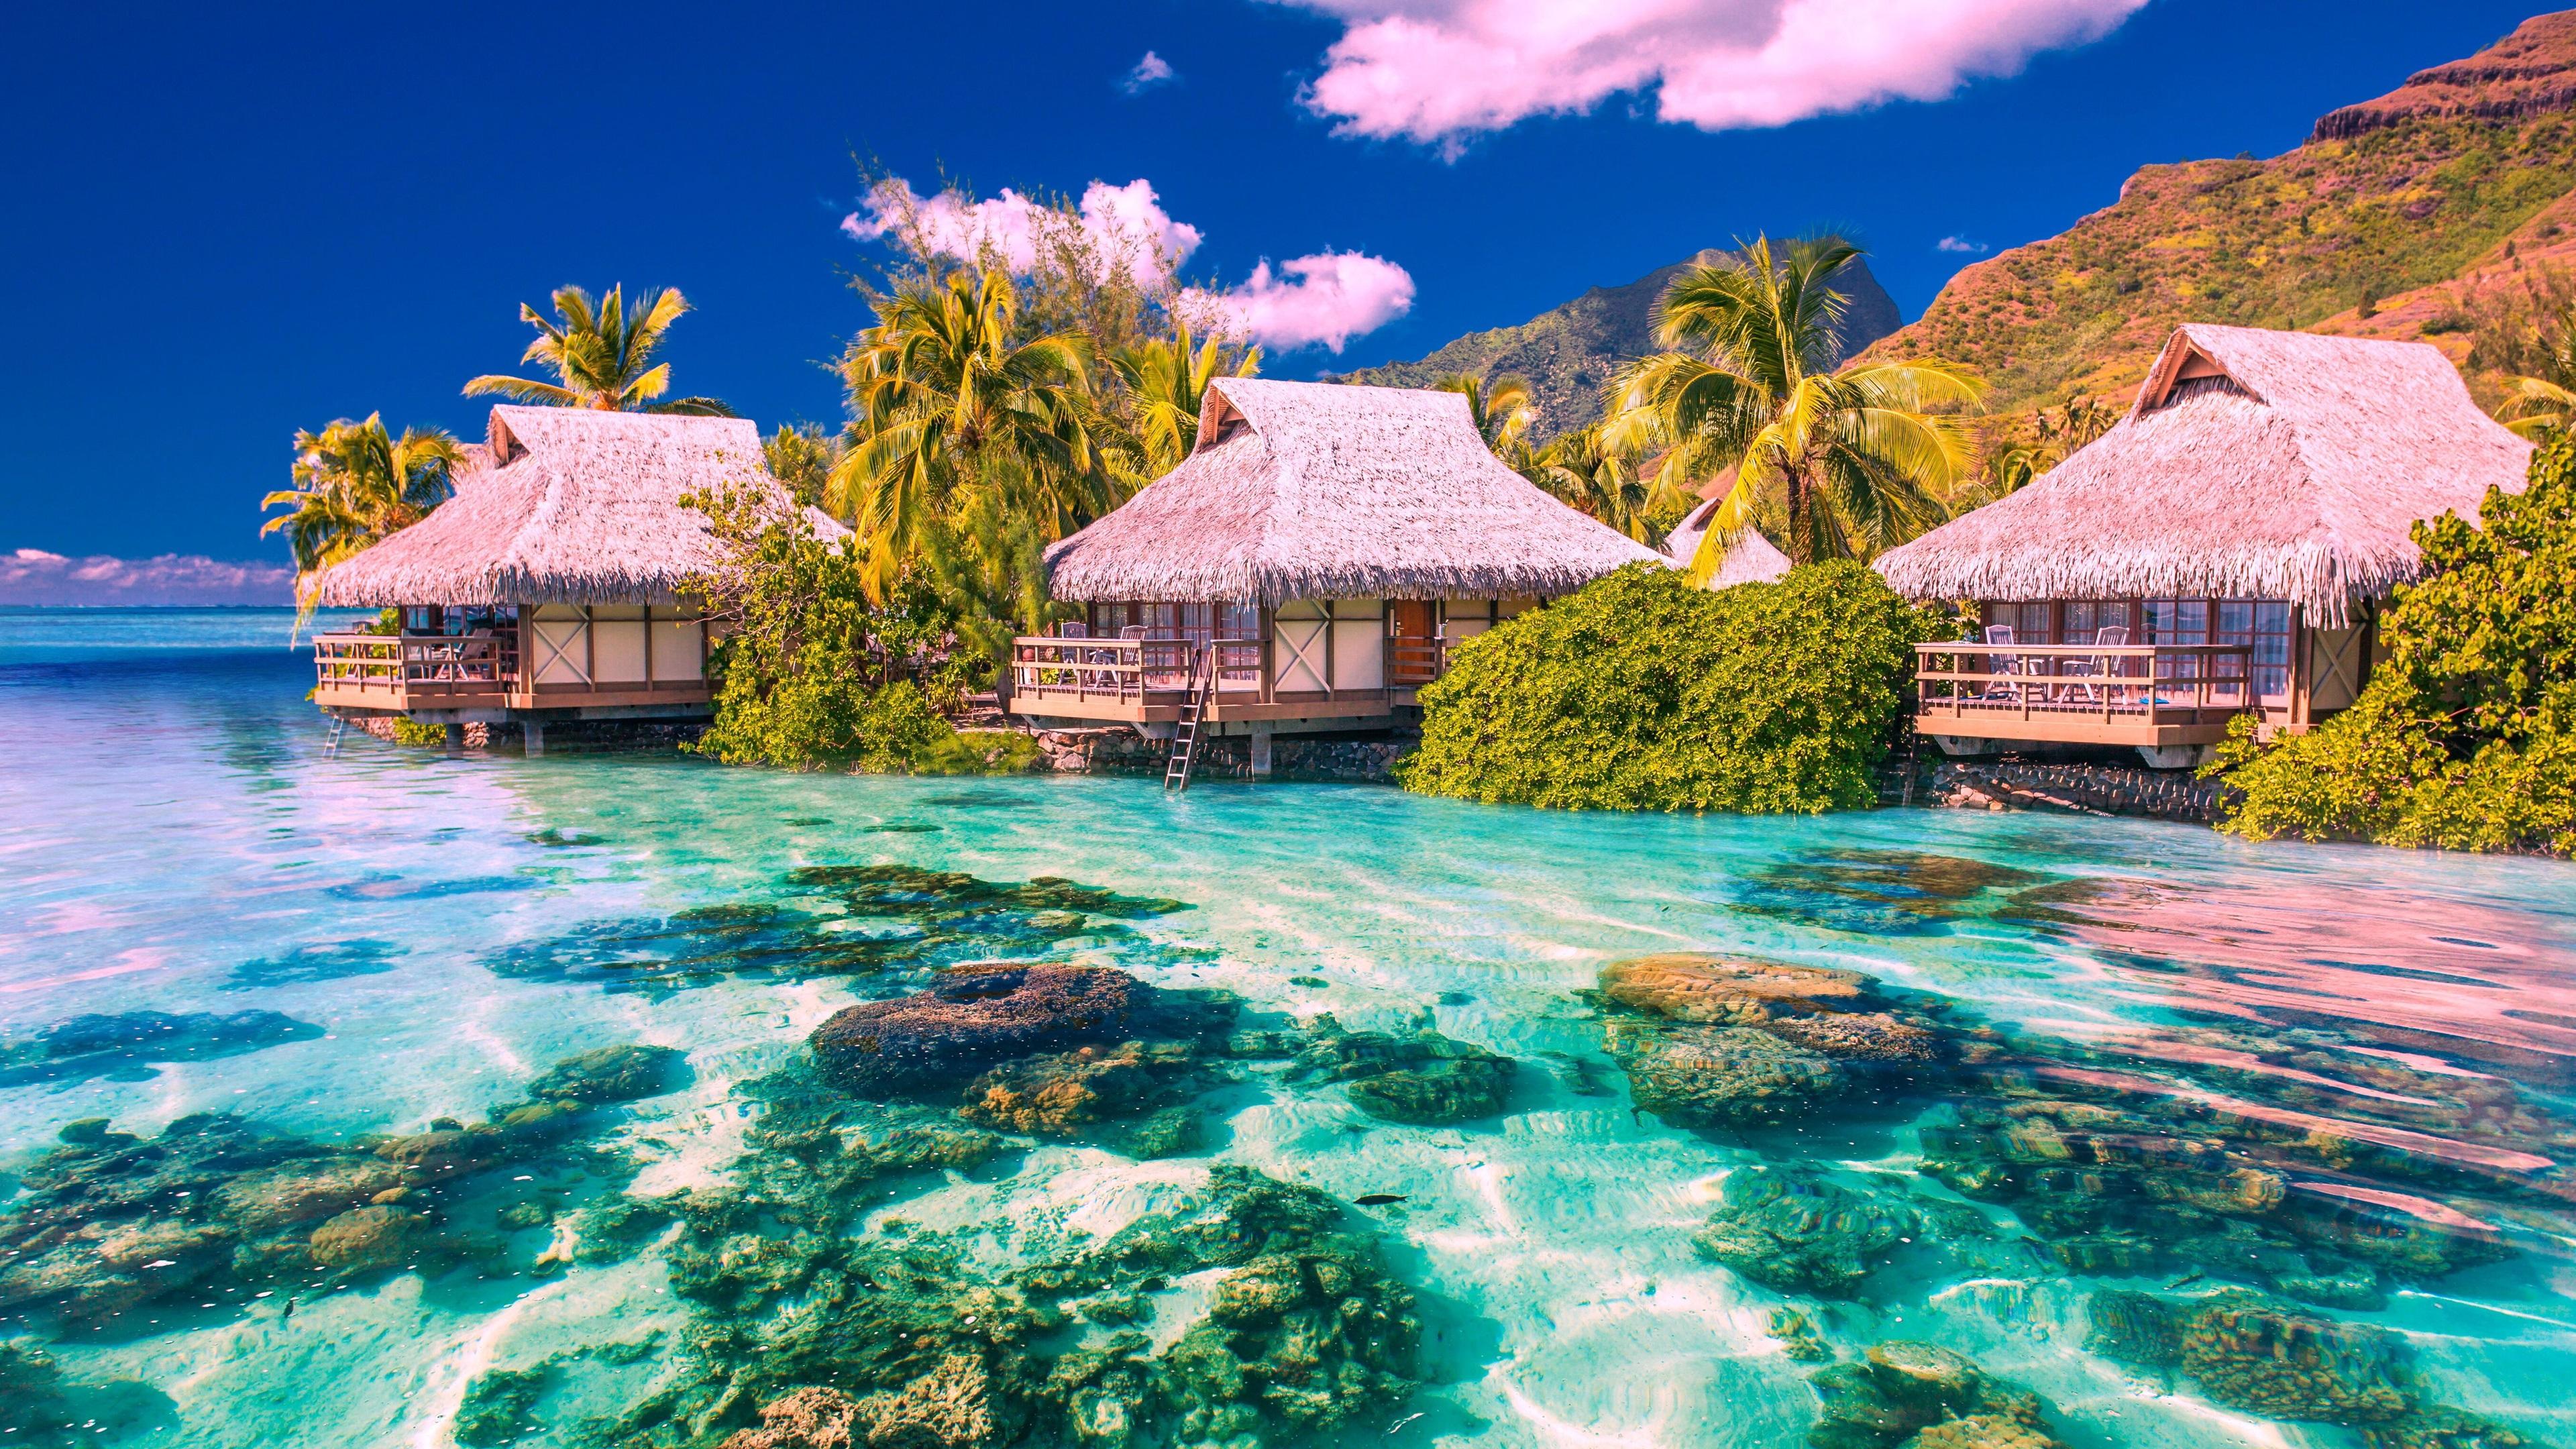 природа море остров смотреть